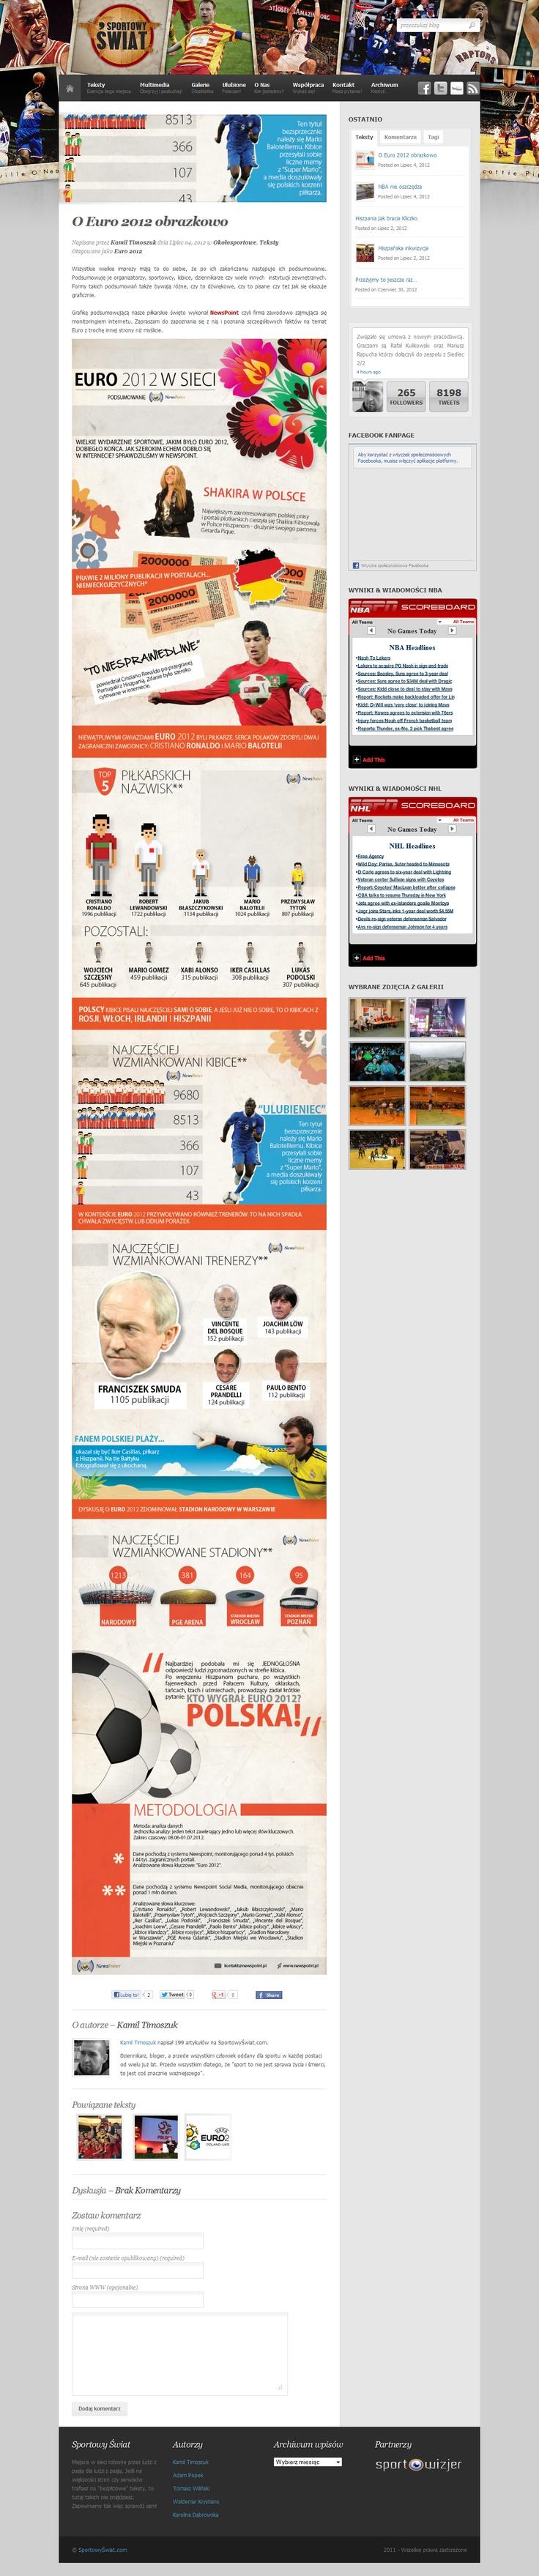 Kamil Timoszuk z serwisu Sportowy Świat opublikował w środę (4 lipca) naszą infografikę o Euro 2012 :) źródło: http://sportowyswiat.com/teksty/o-euro-2012-obrazkowo/